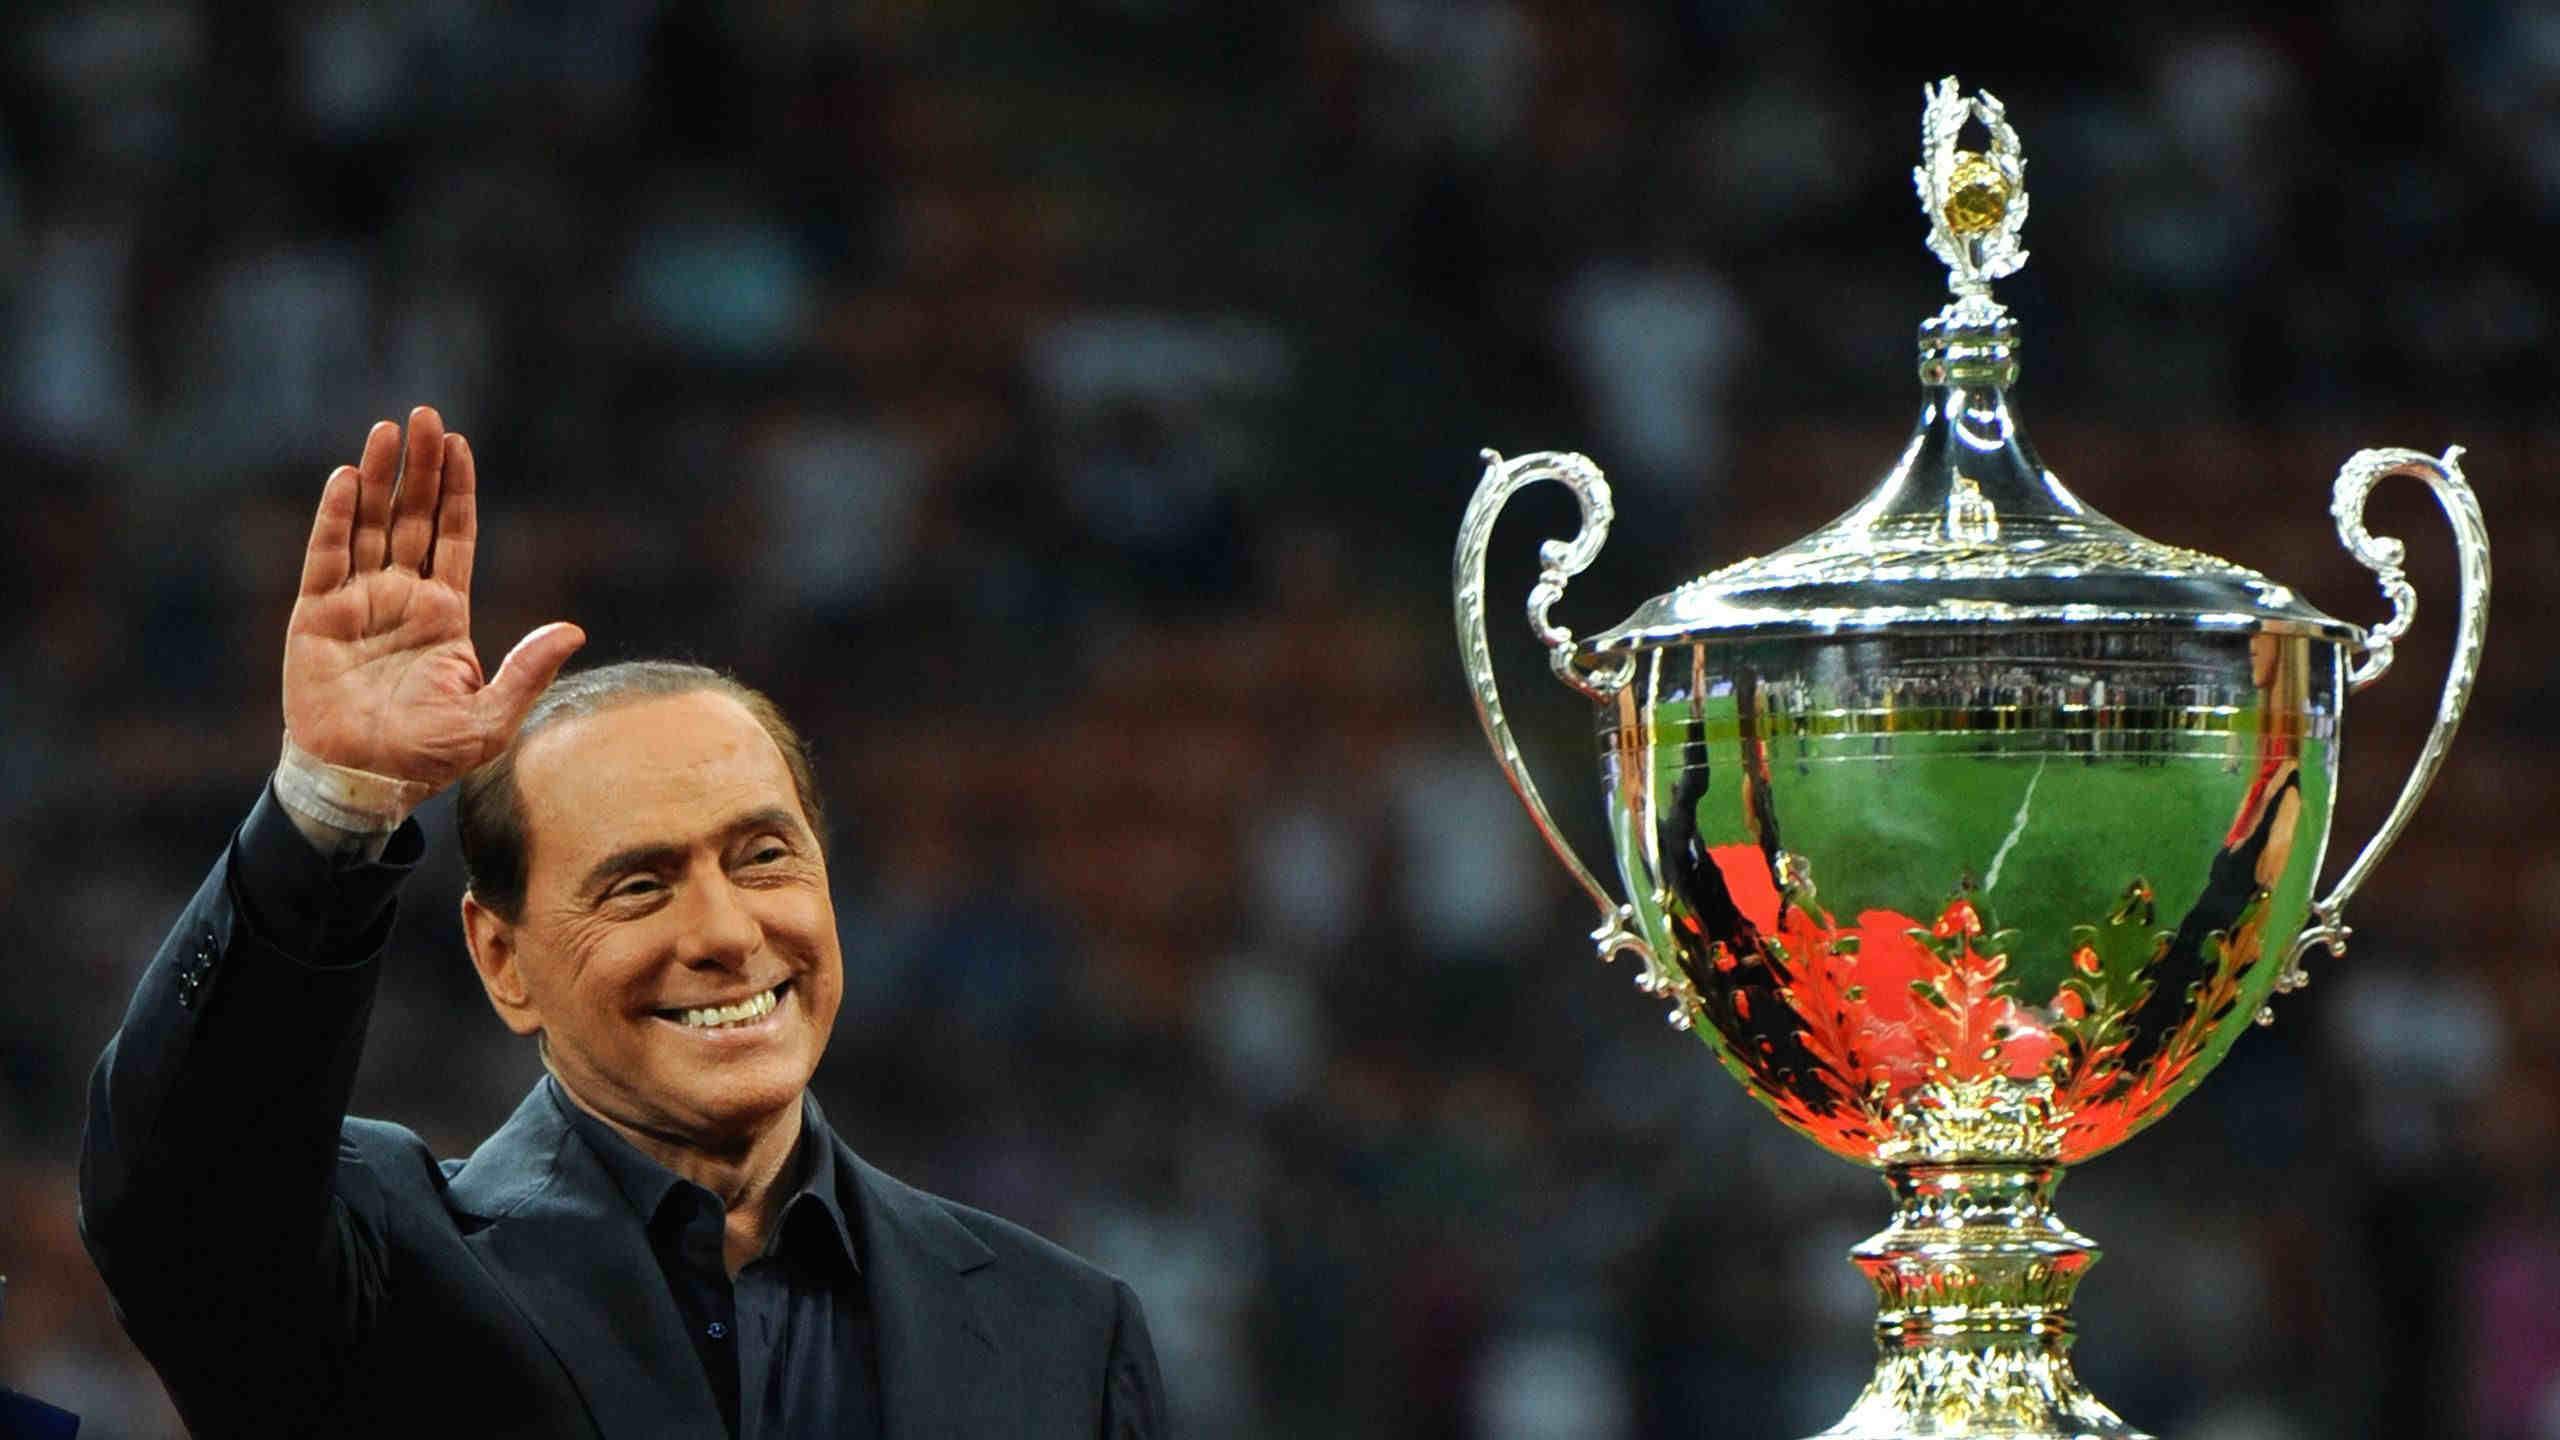 Silvio Berluskoni Milan Italiya